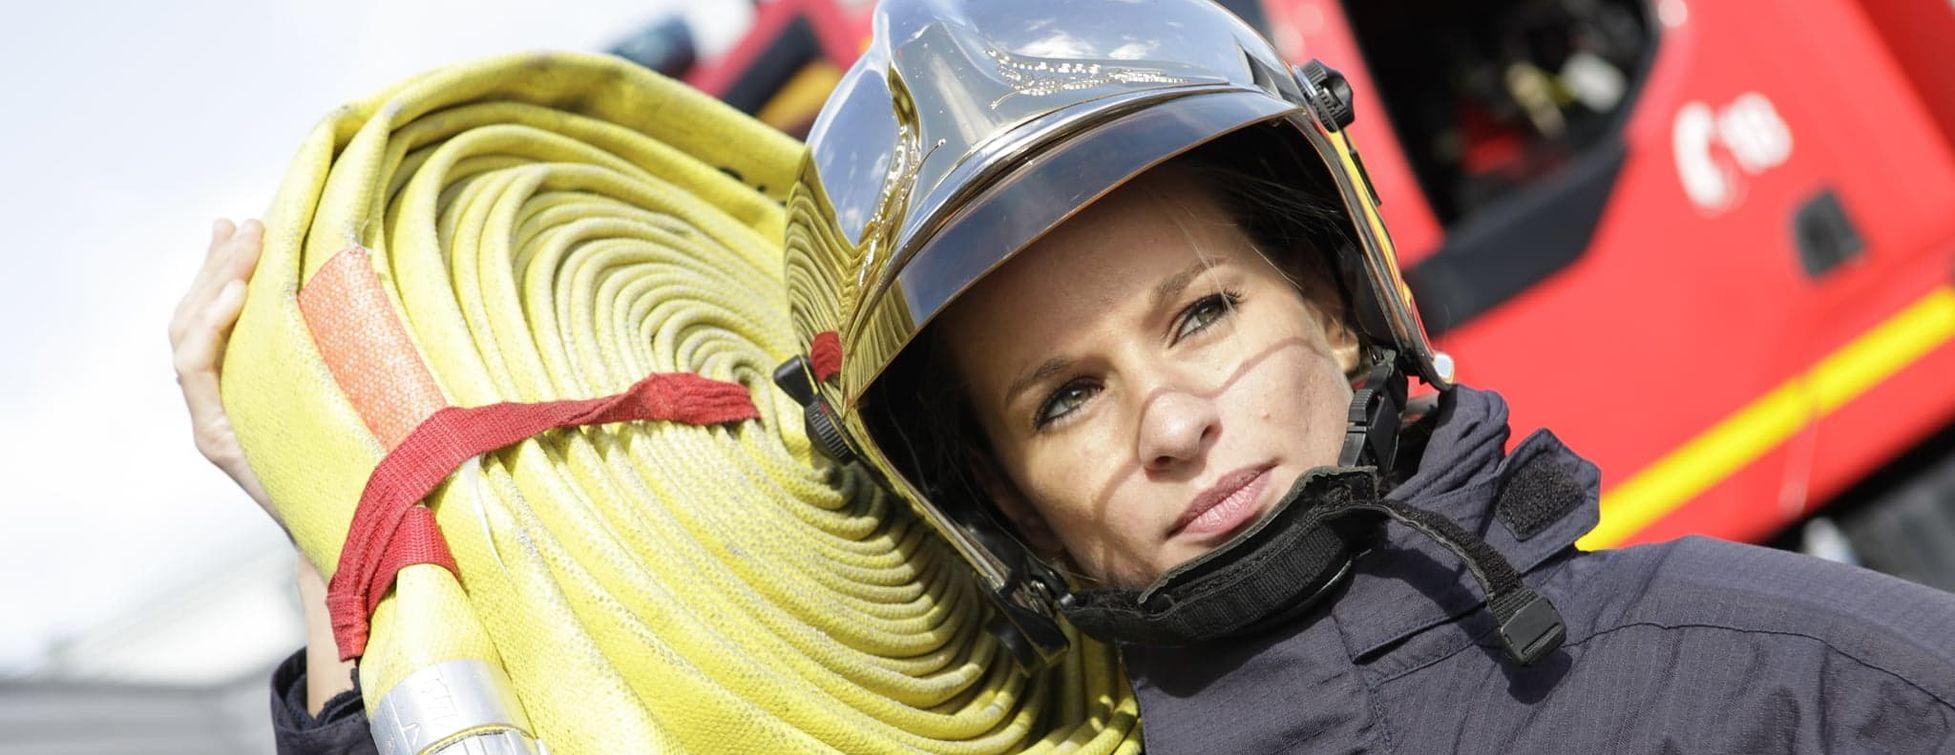 Rejoignez les sapeurs-pompiers